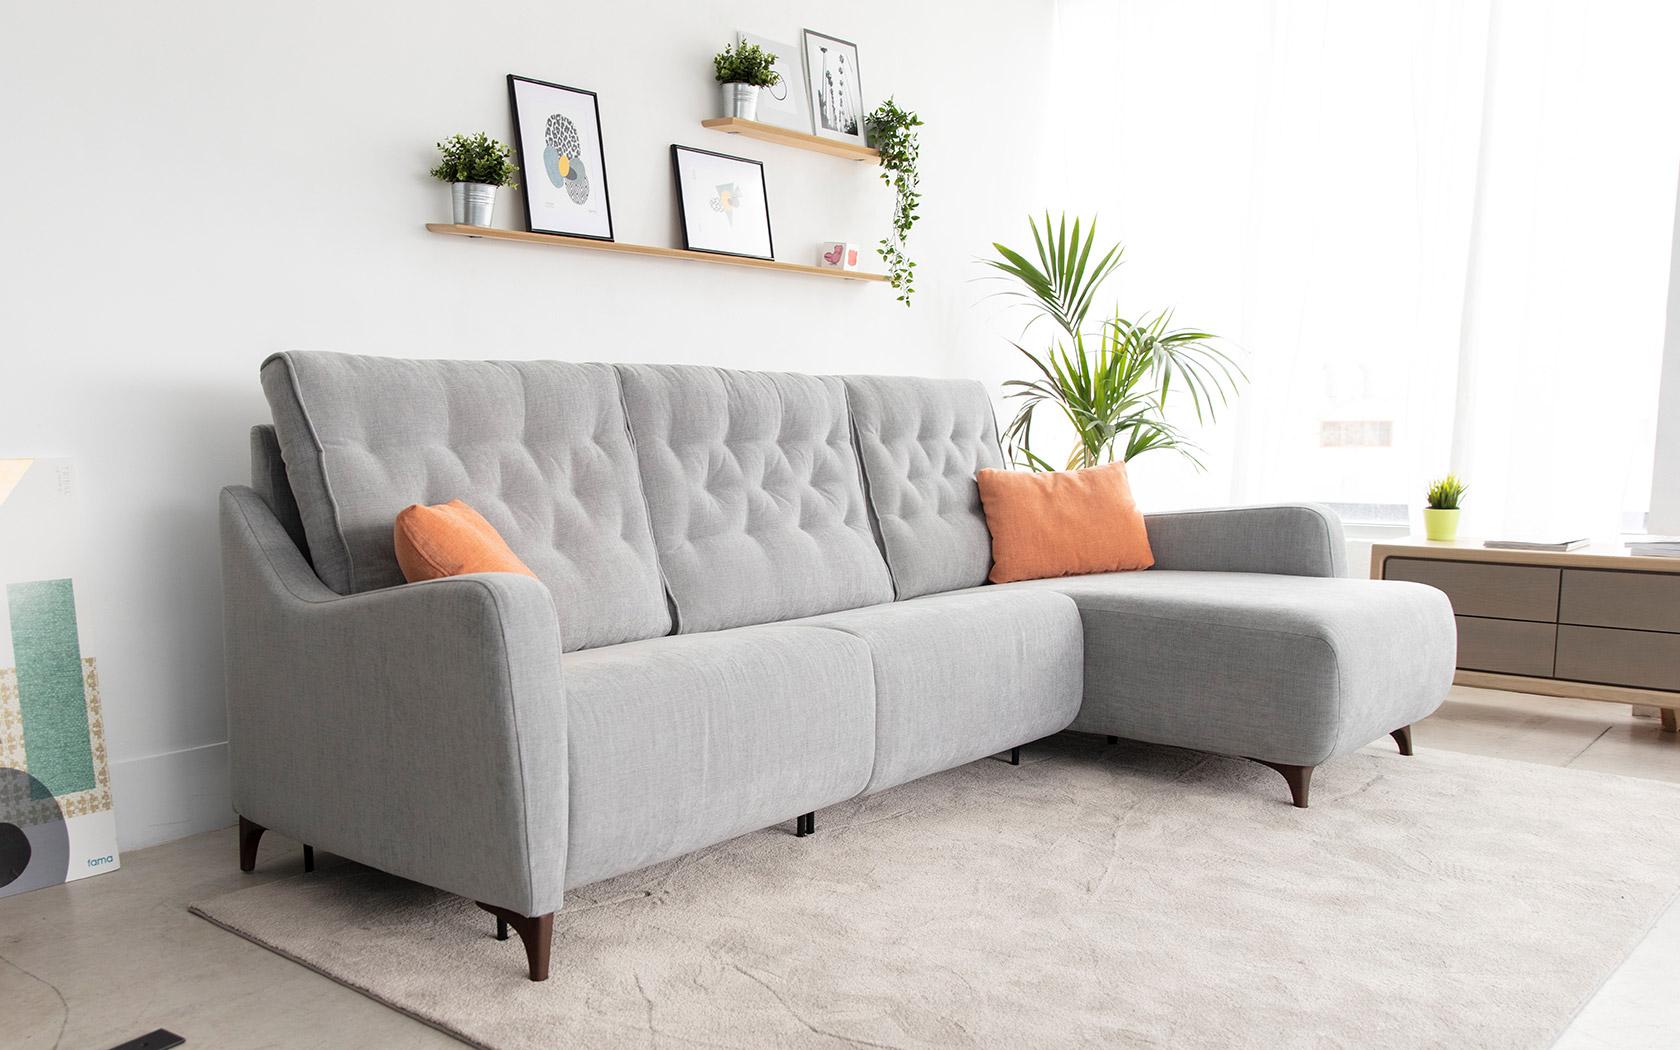 avalon sofa 2021 baja 07